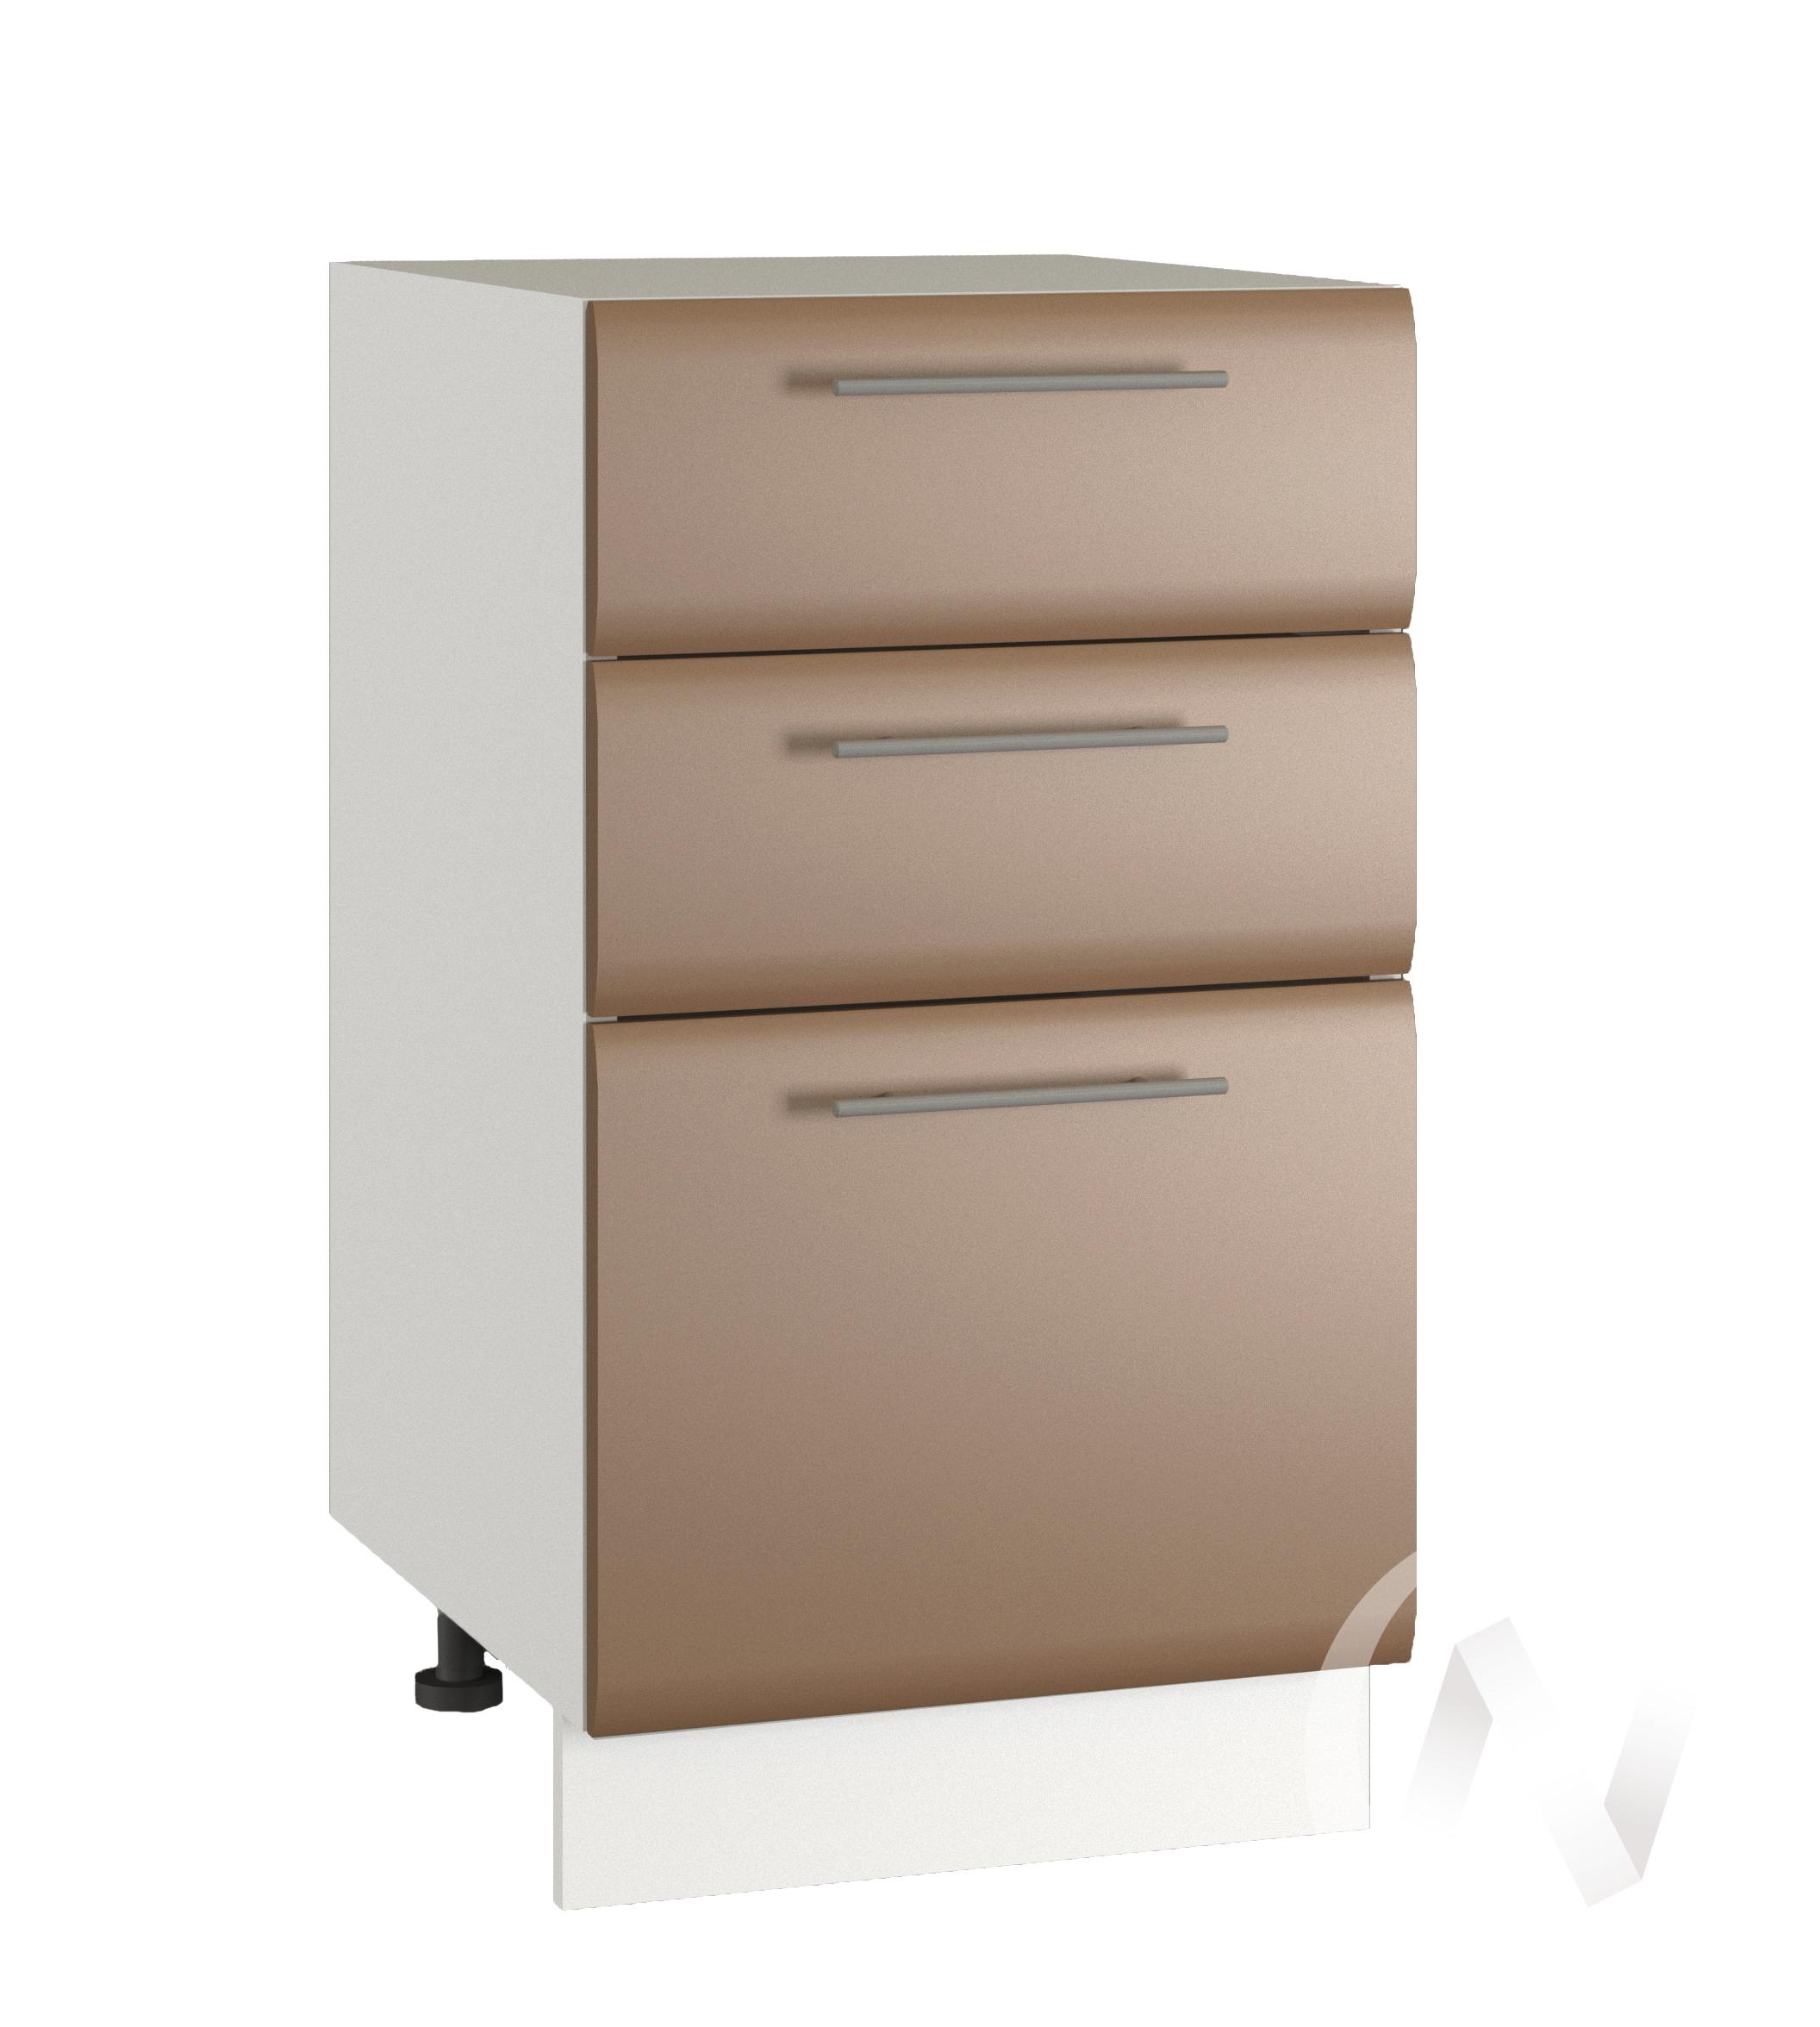 """Кухня """"Люкс"""": Шкаф нижний с 3-мя ящиками 400, ШН3Я 400 (Шоколад матовый/корпус белый)"""